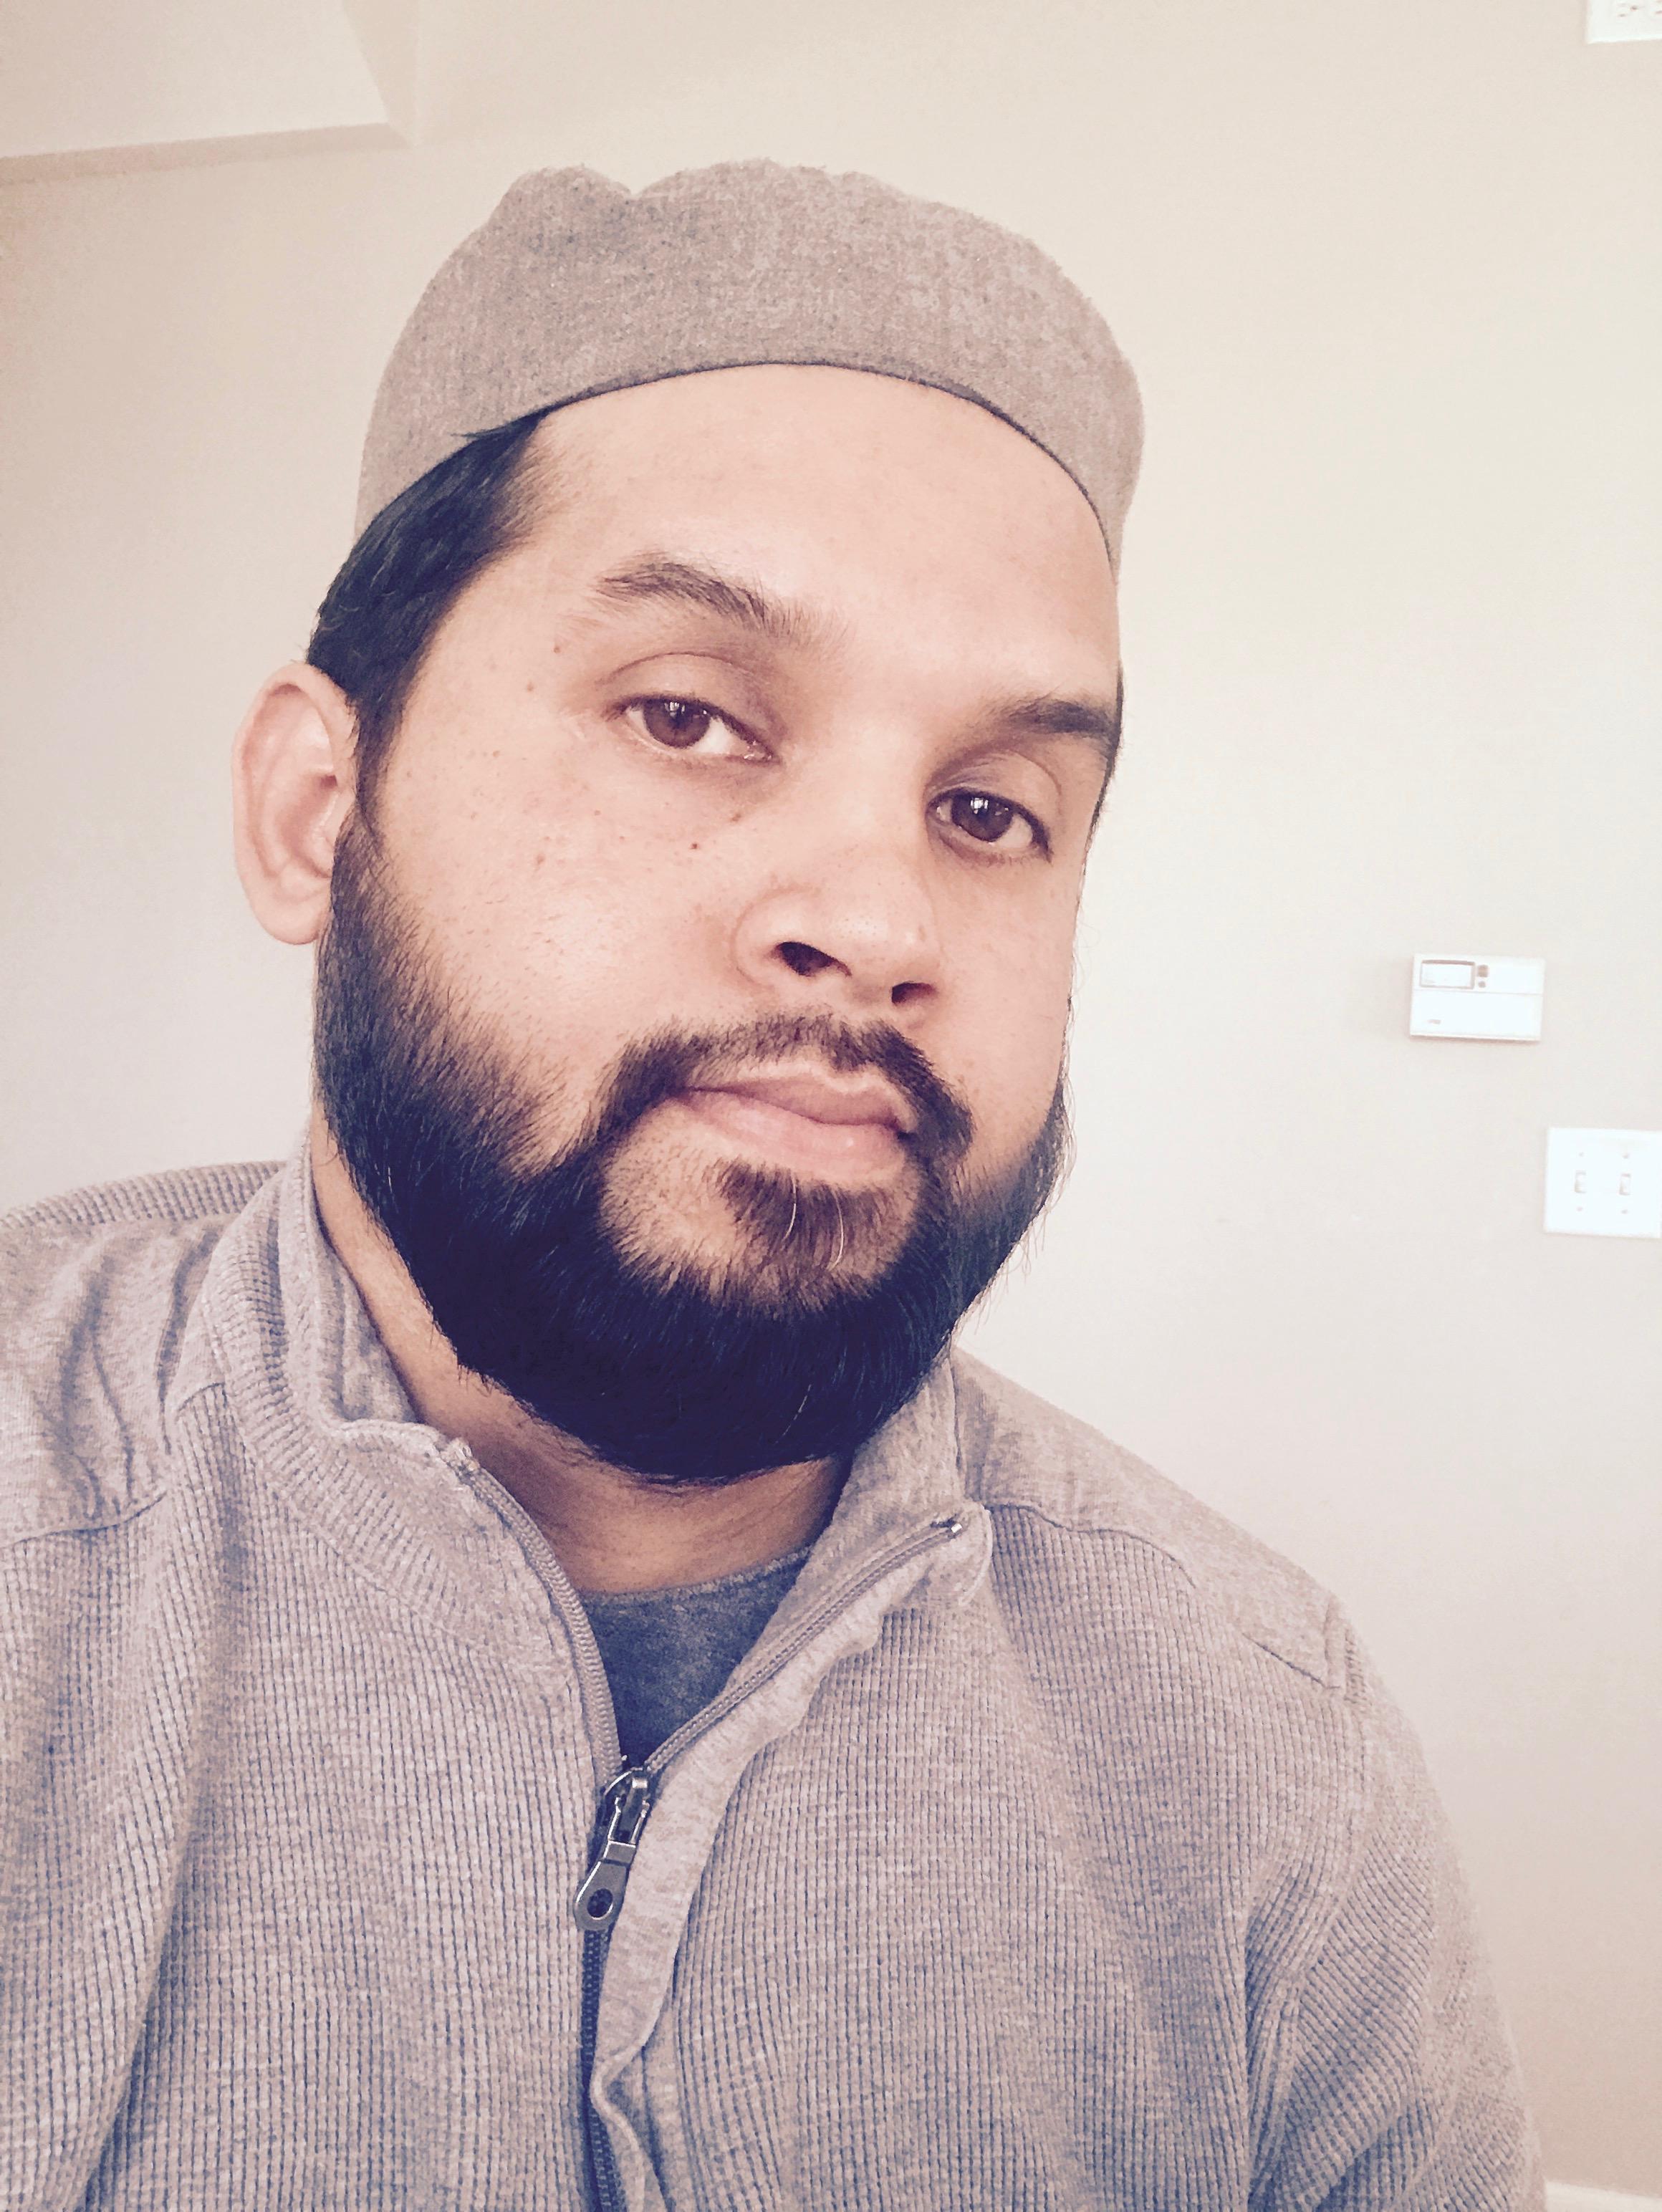 Ahmad Mohammad Mohiuddin avatar